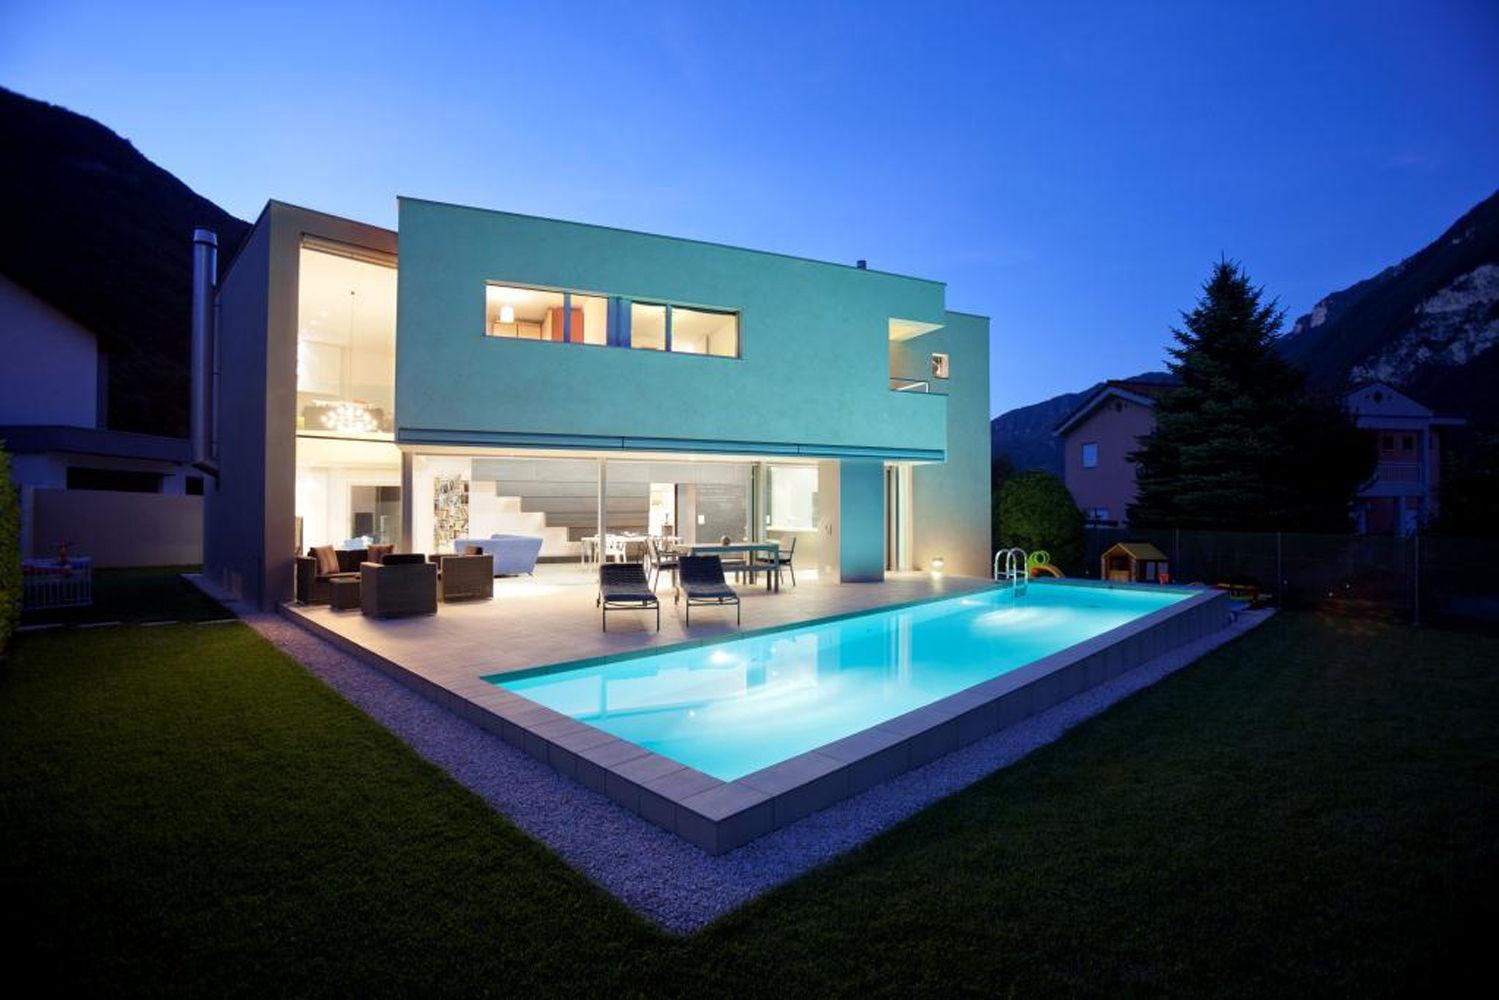 Case Moderne Con Piscina : Immagini ville moderne con piscina villa con piscina paros grecia